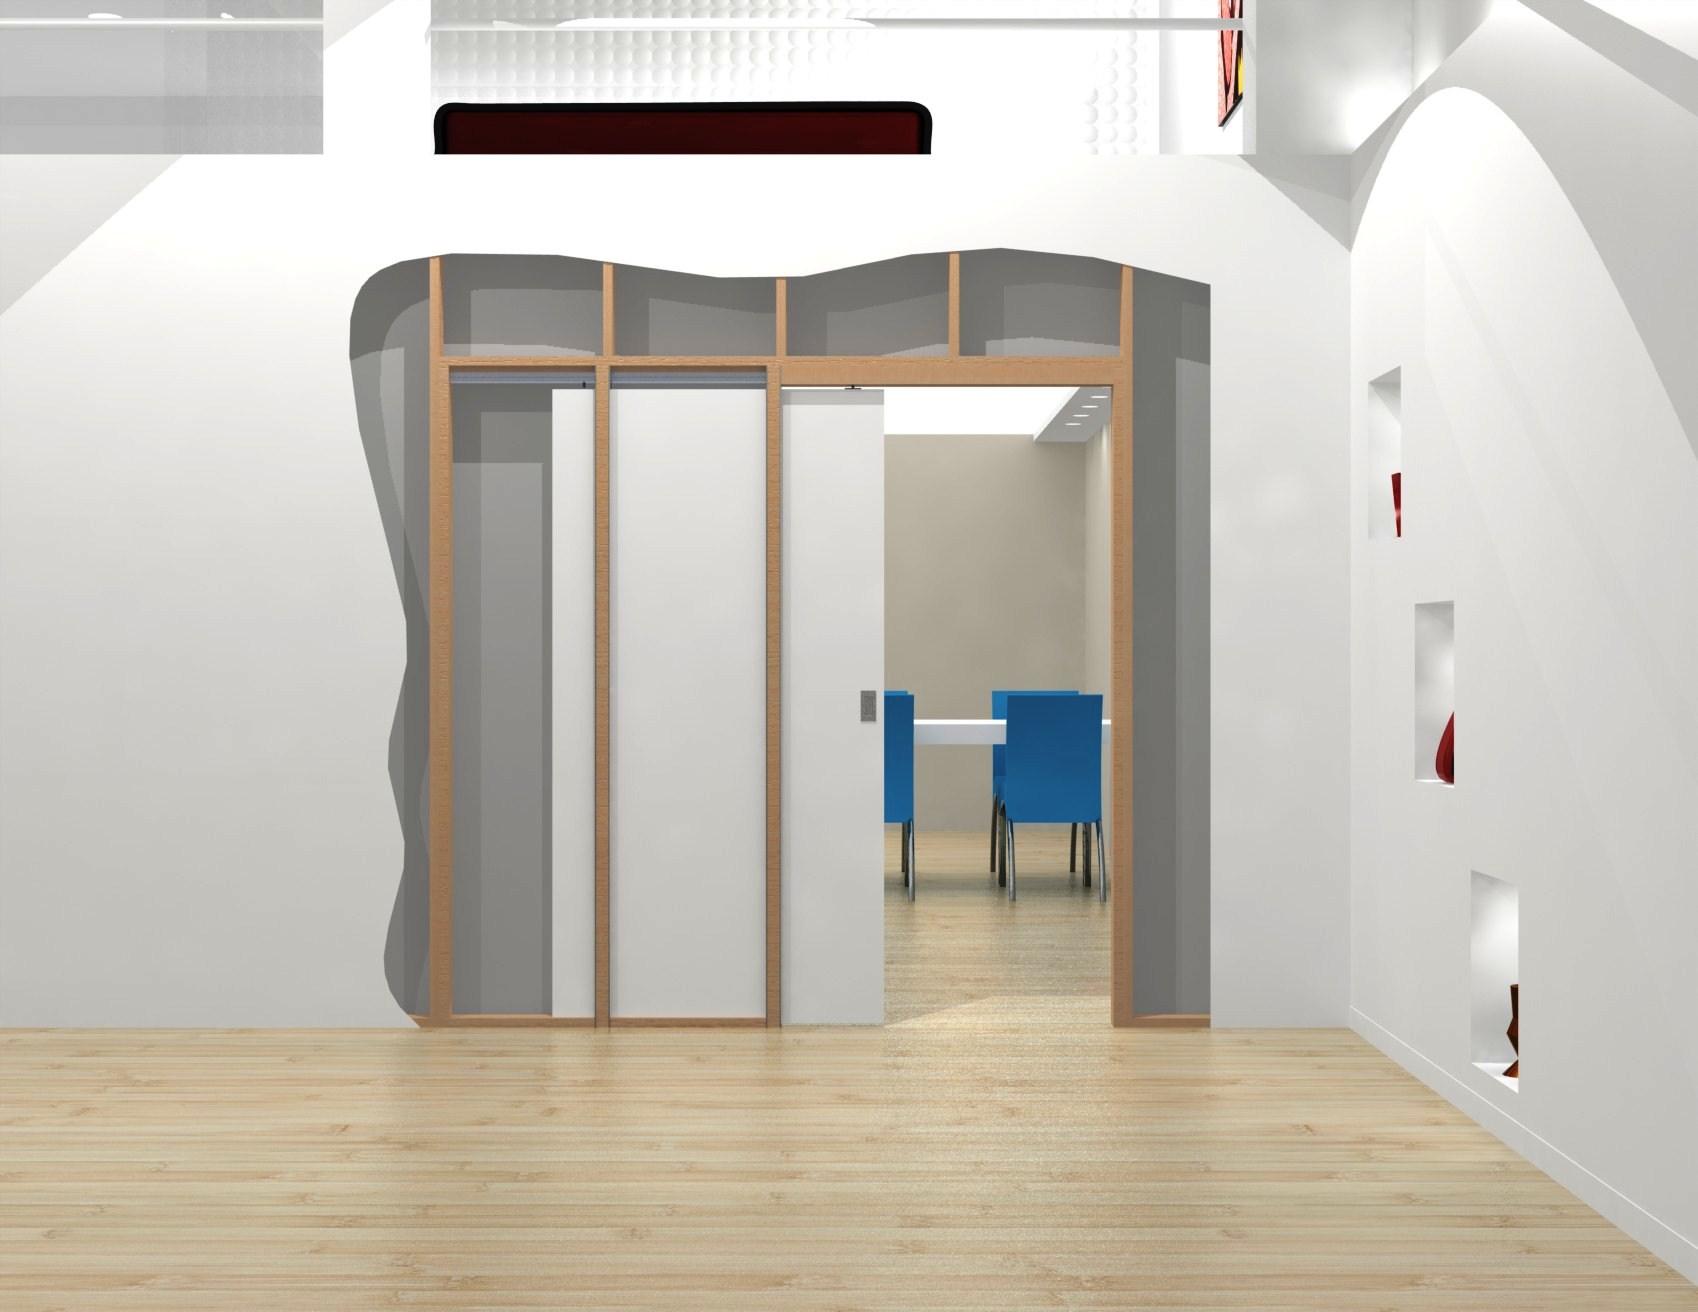 Раздвижные задвижные в стену двери, межкомнатные двери 35